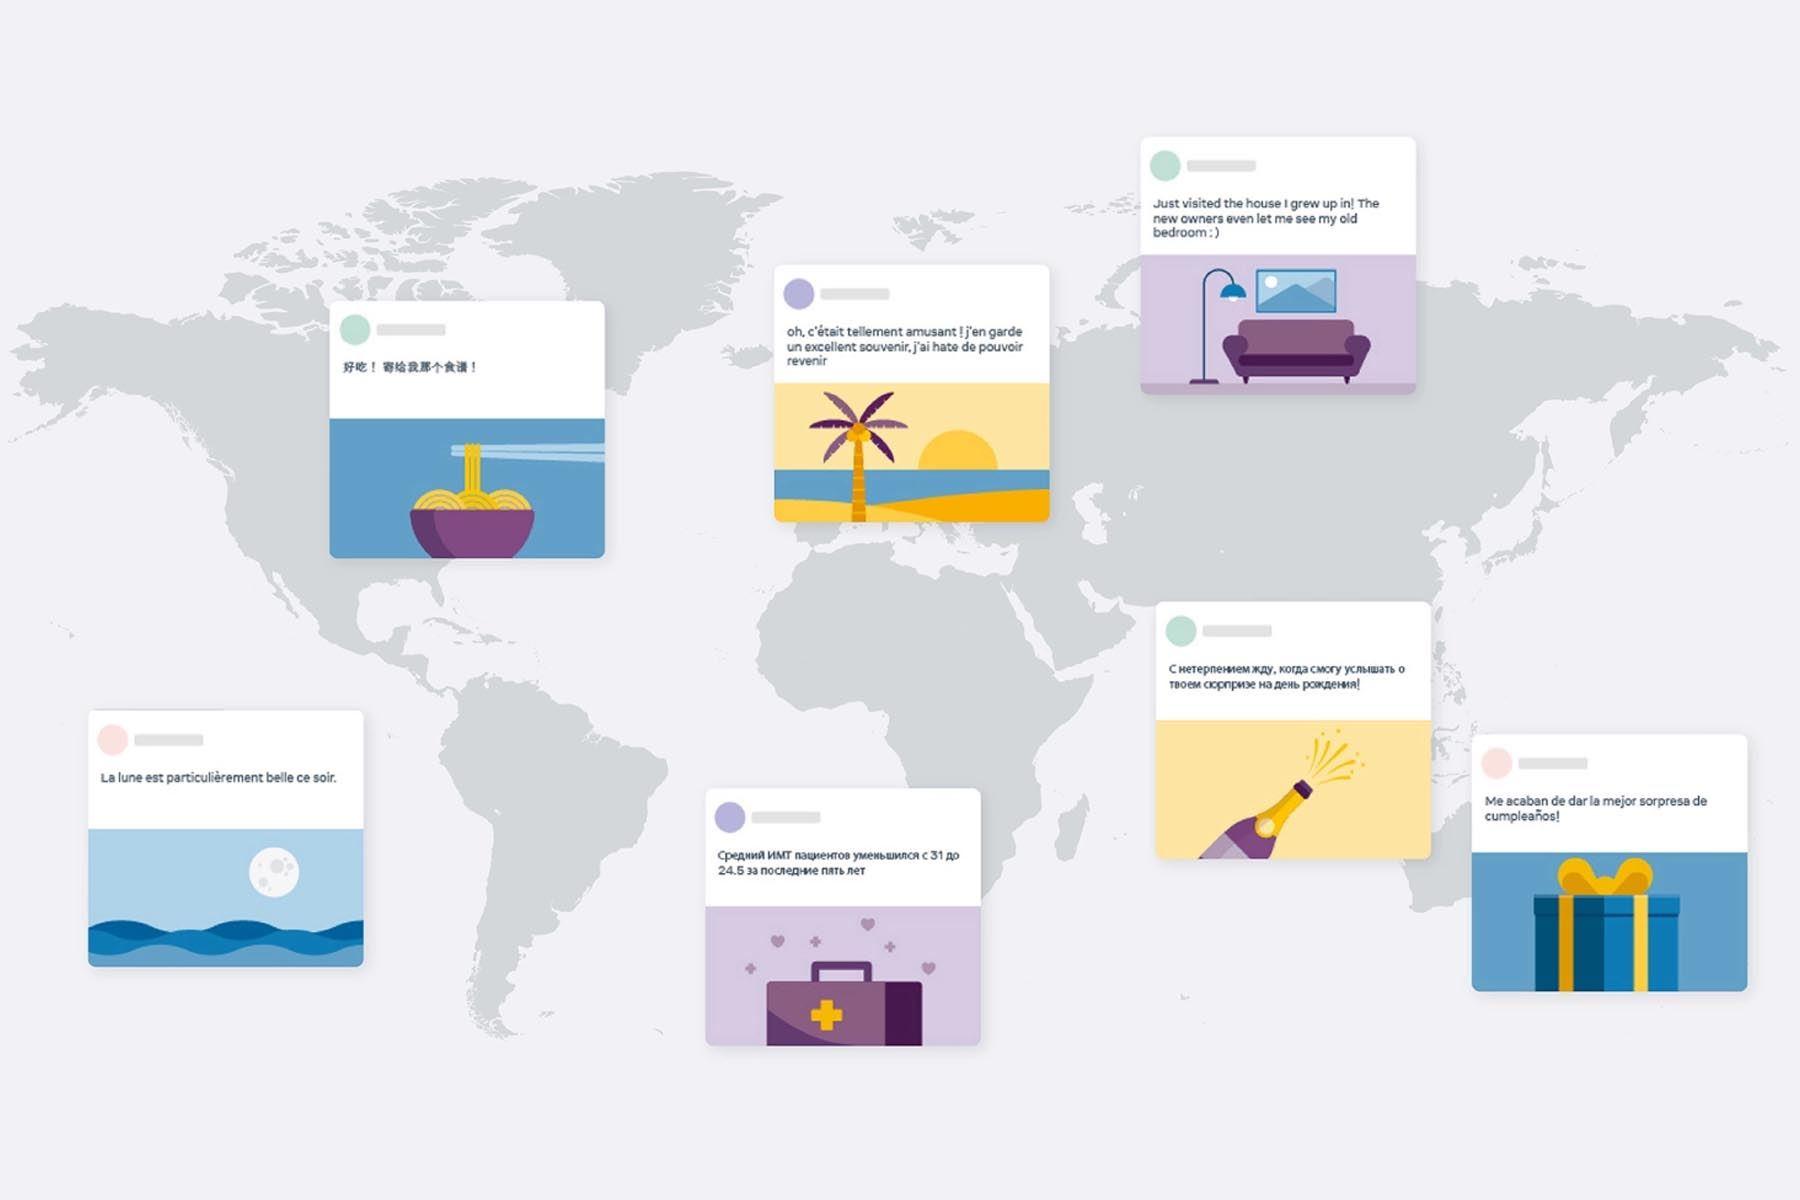 Facebook usará inteligencia artificial para ayudar a usuarios con traducciones   Noticias